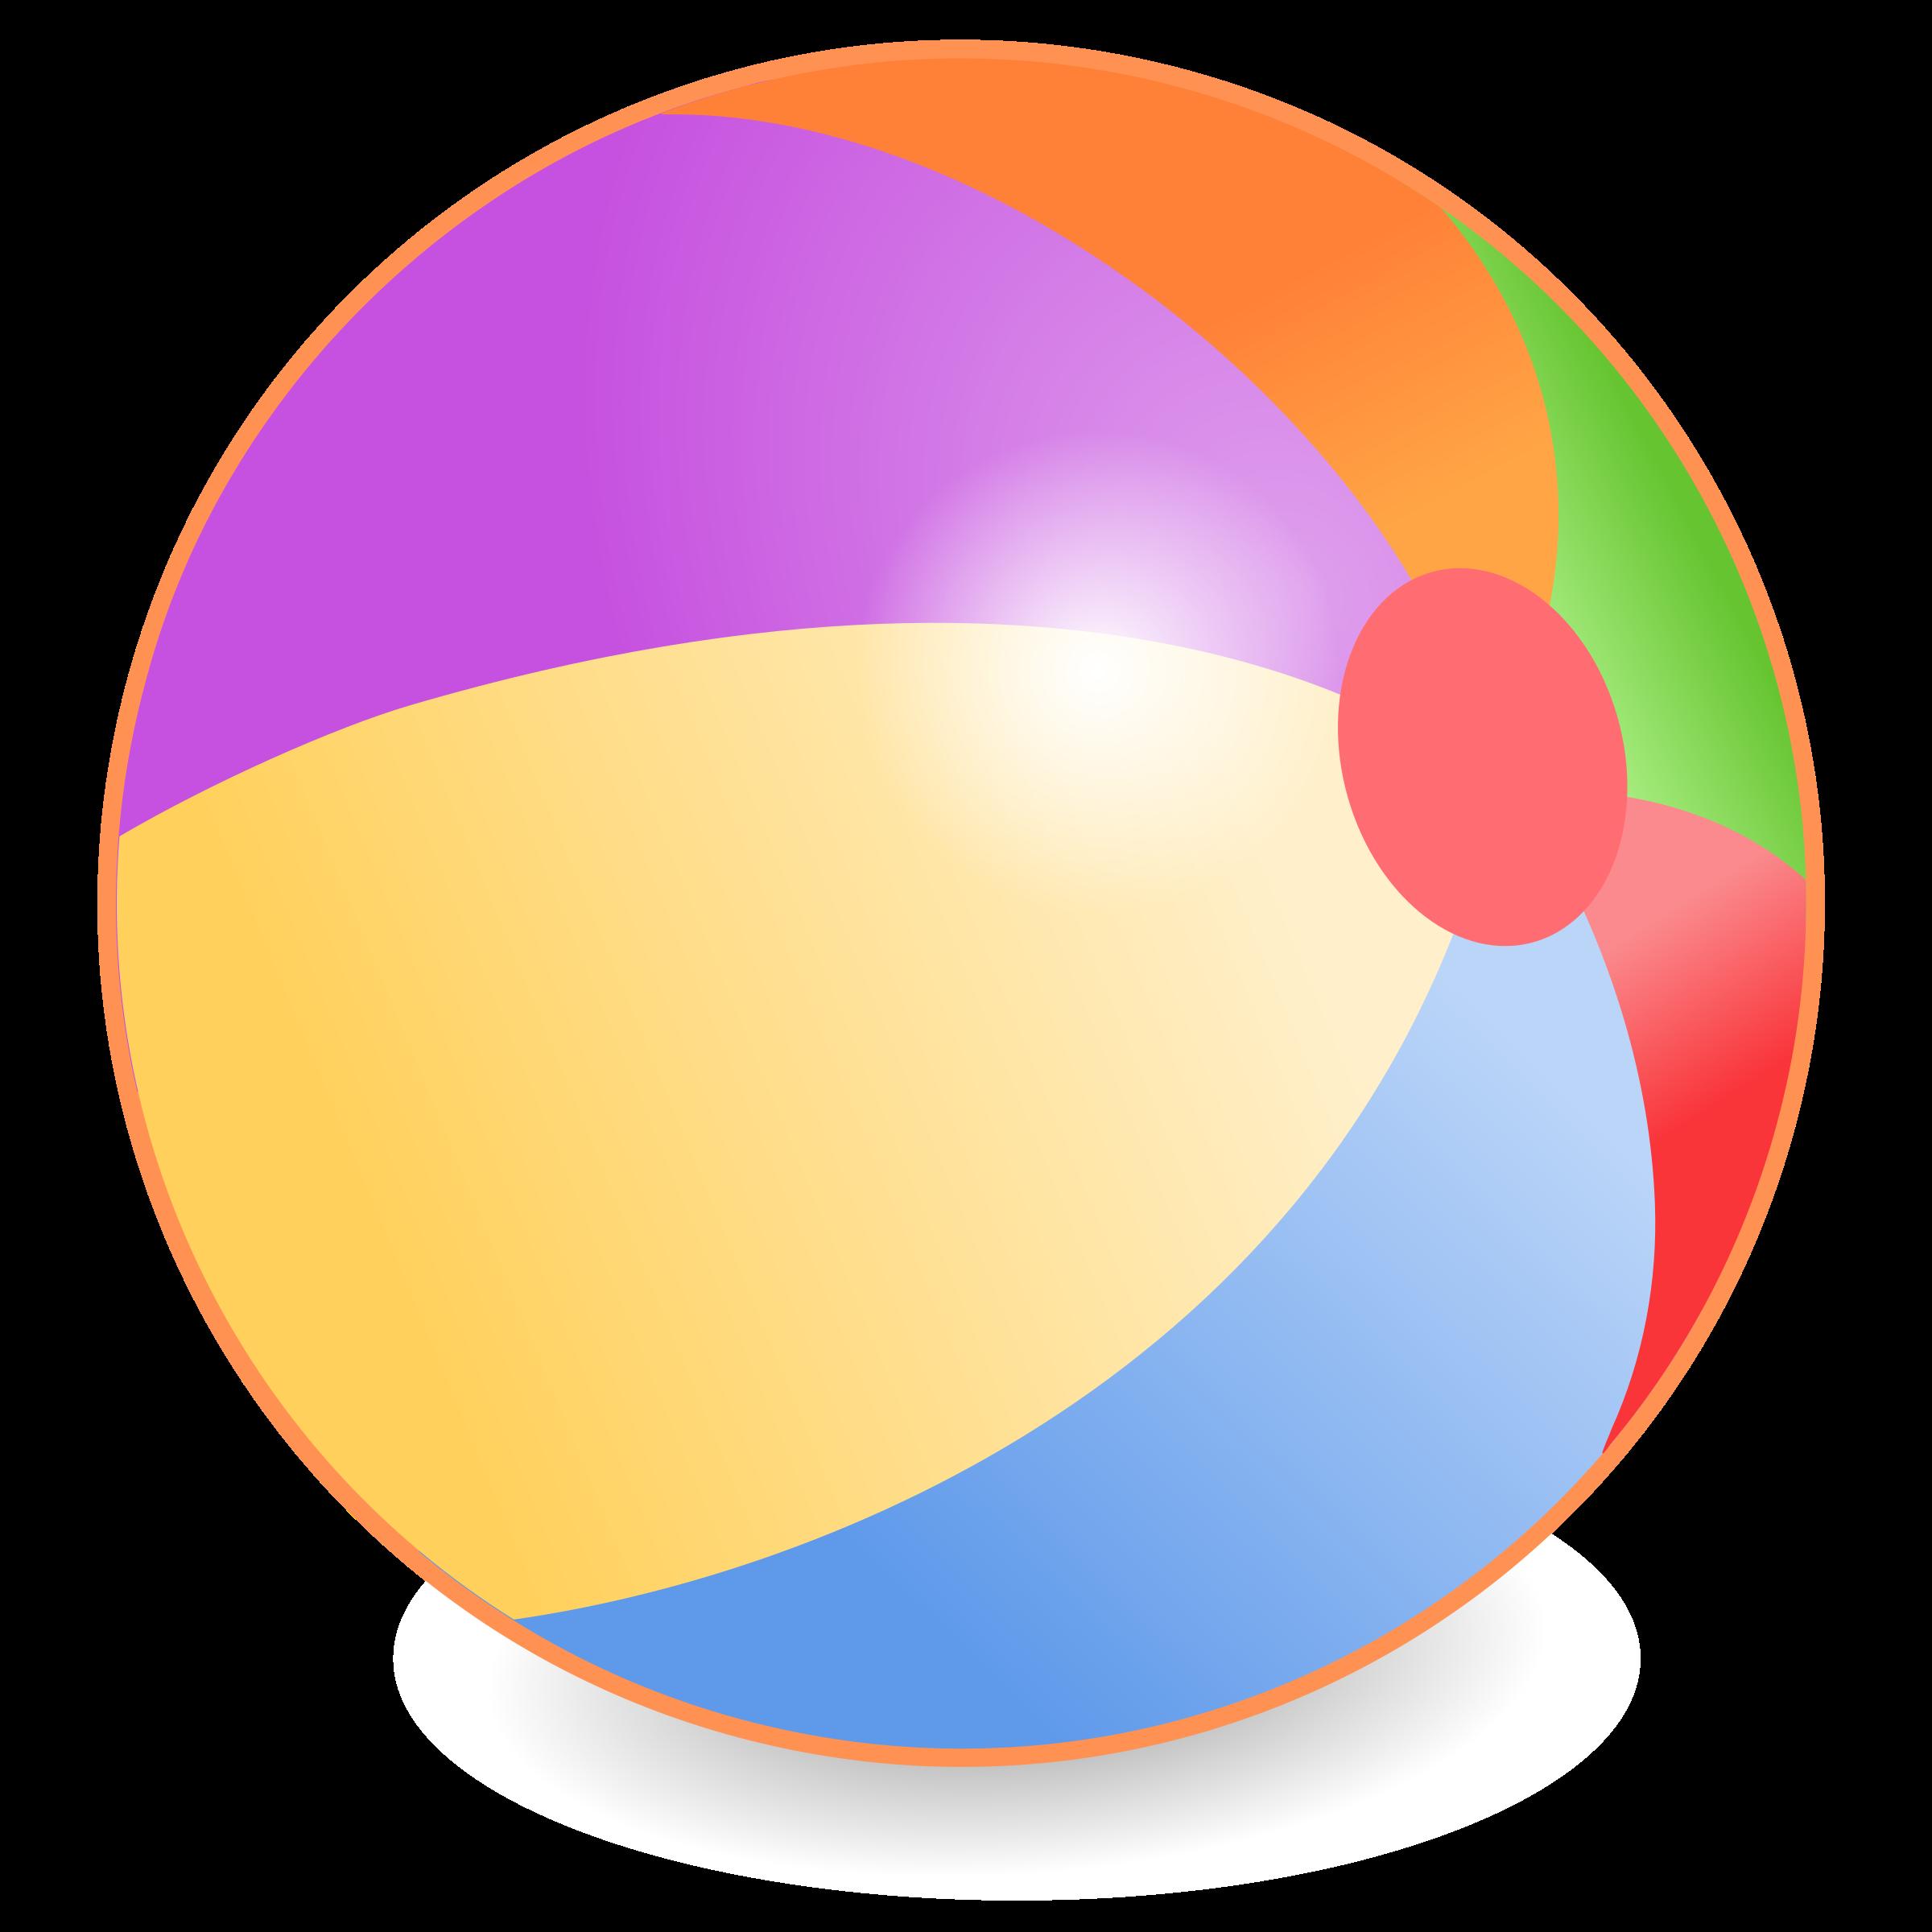 Beach Ball Drawing - ClipArt Best